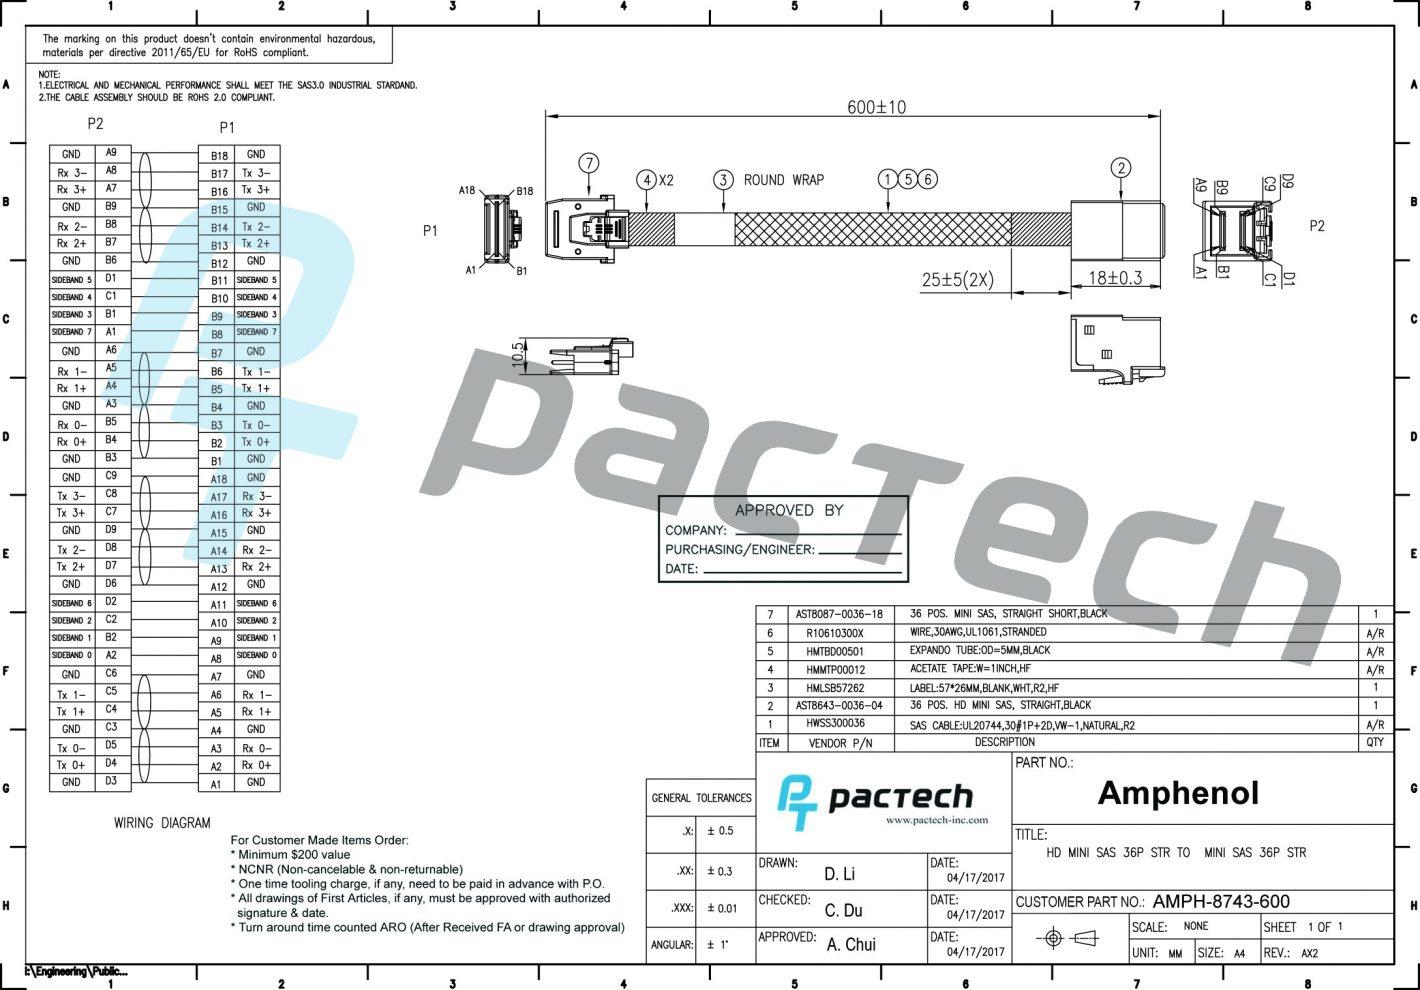 Amphenol 36 Pin Internal Mini Sas Sff Hd To 36 Pin